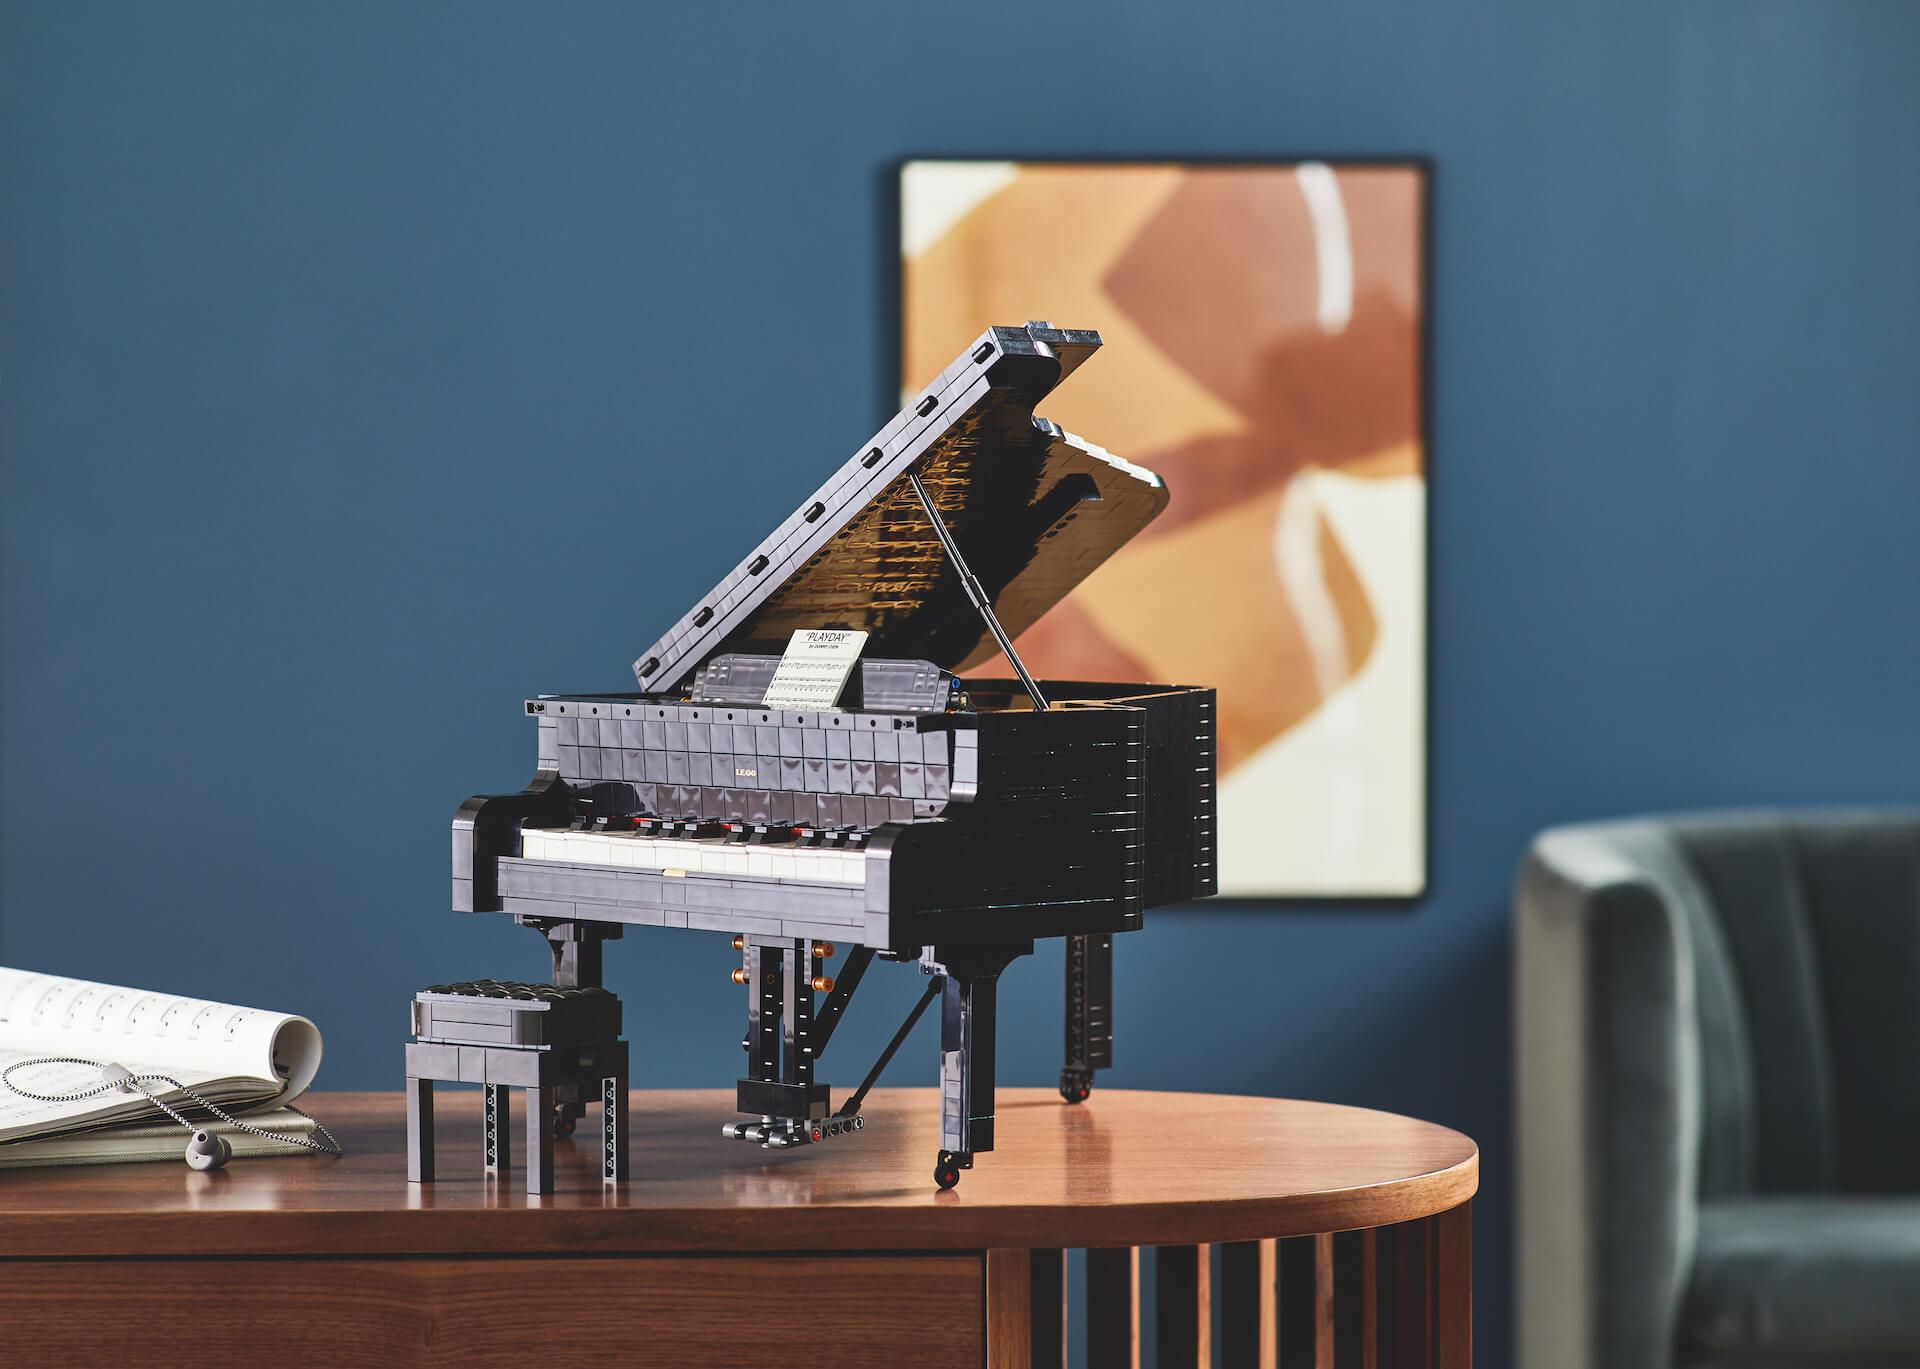 インテリアとしても楽しい大人のレゴ。ポップカルチャーアート作品や音を奏でるグランドピアノも!